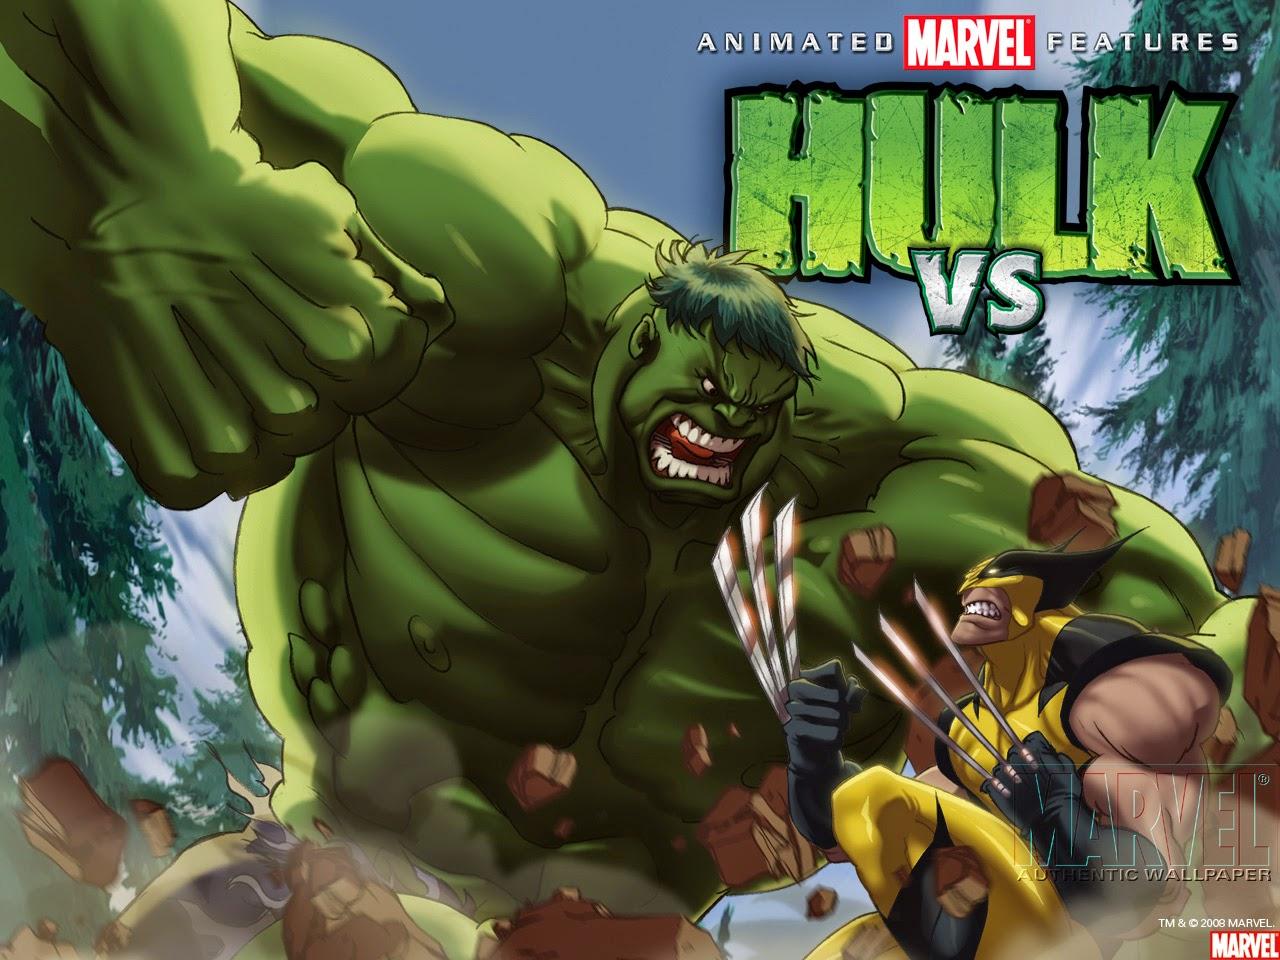 erik at the gates hulk vs wolverine